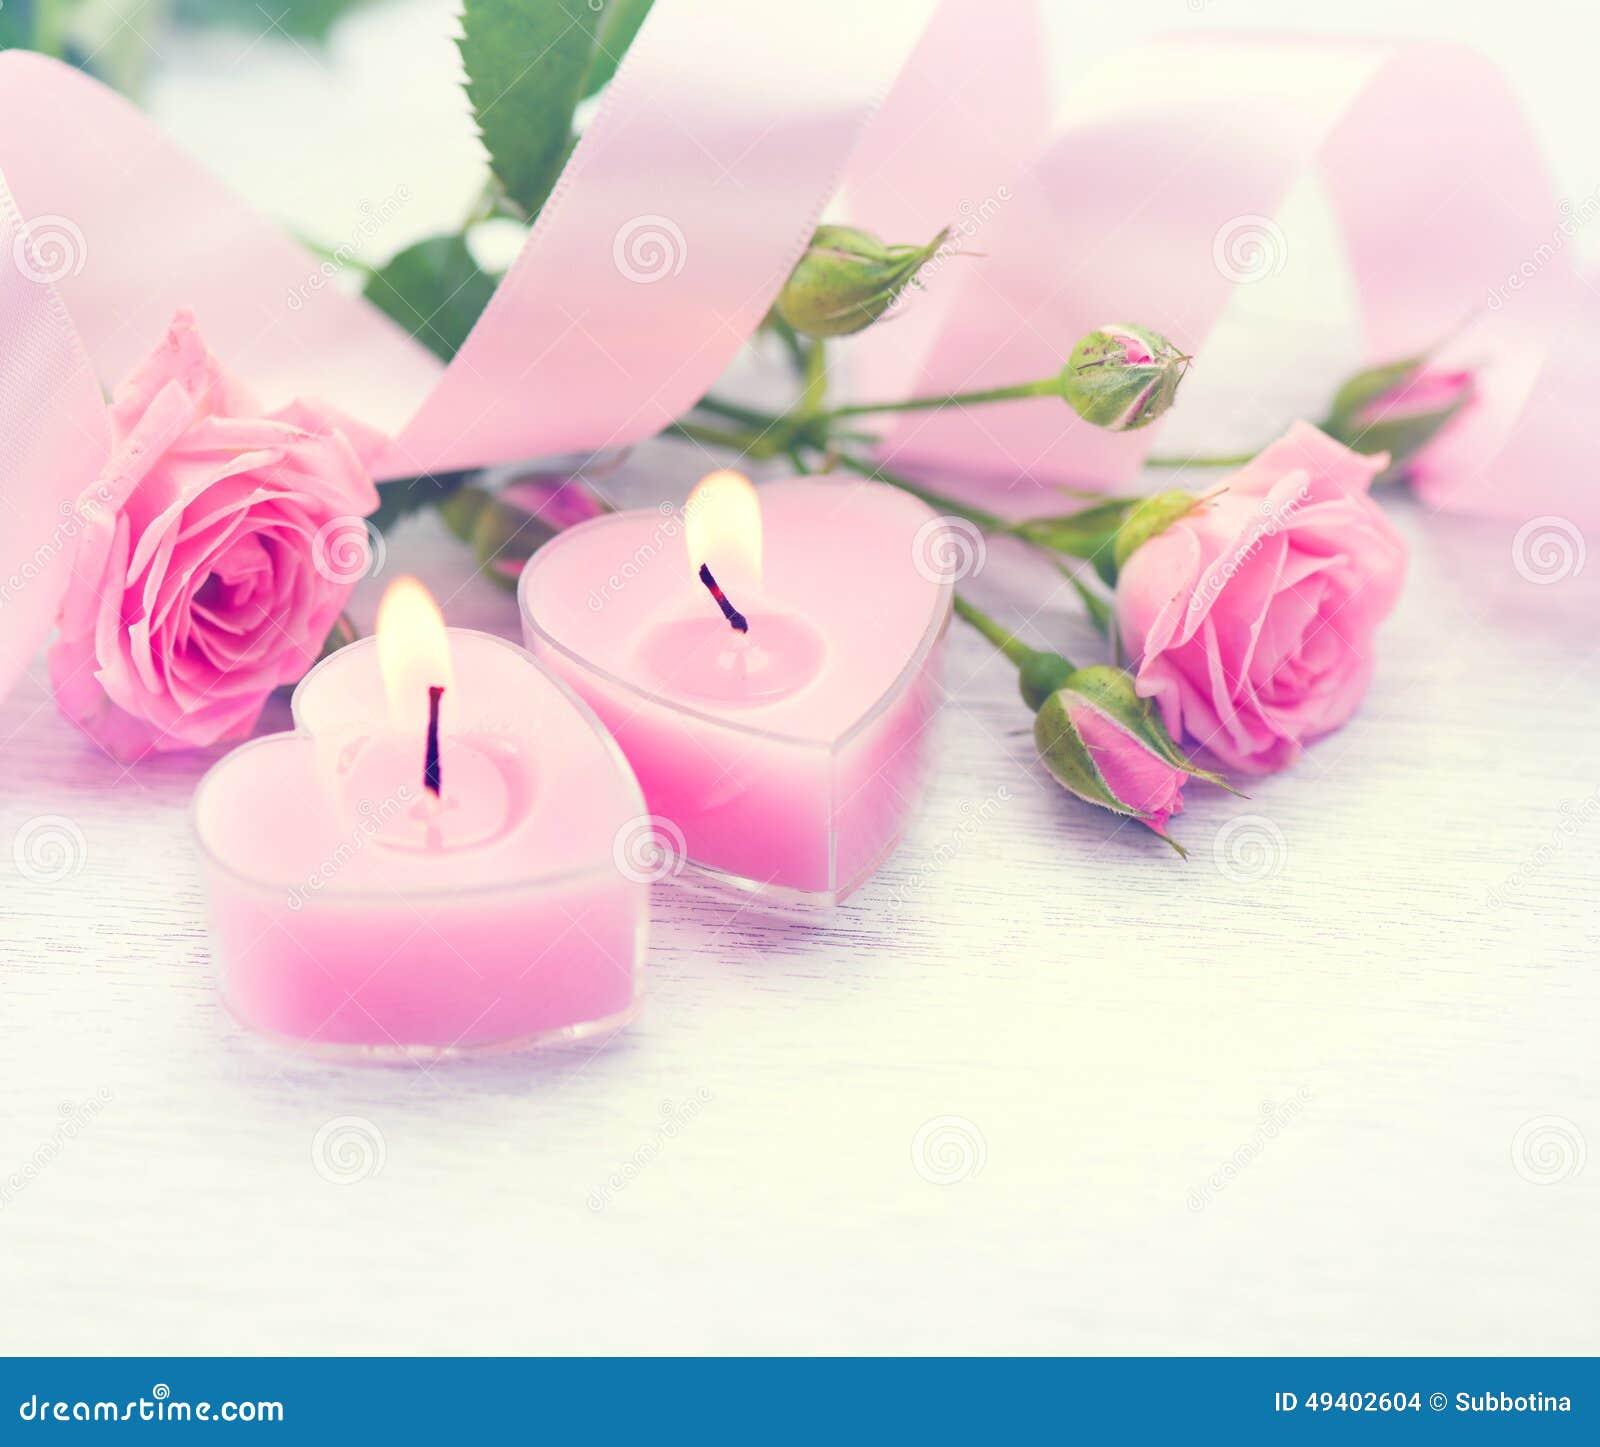 Download Zwei Verklemmte Innere Geformte Kerzen Und Rosen Des Rosa Herzens Stockfoto - Bild von kerzen, feiertag: 49402604